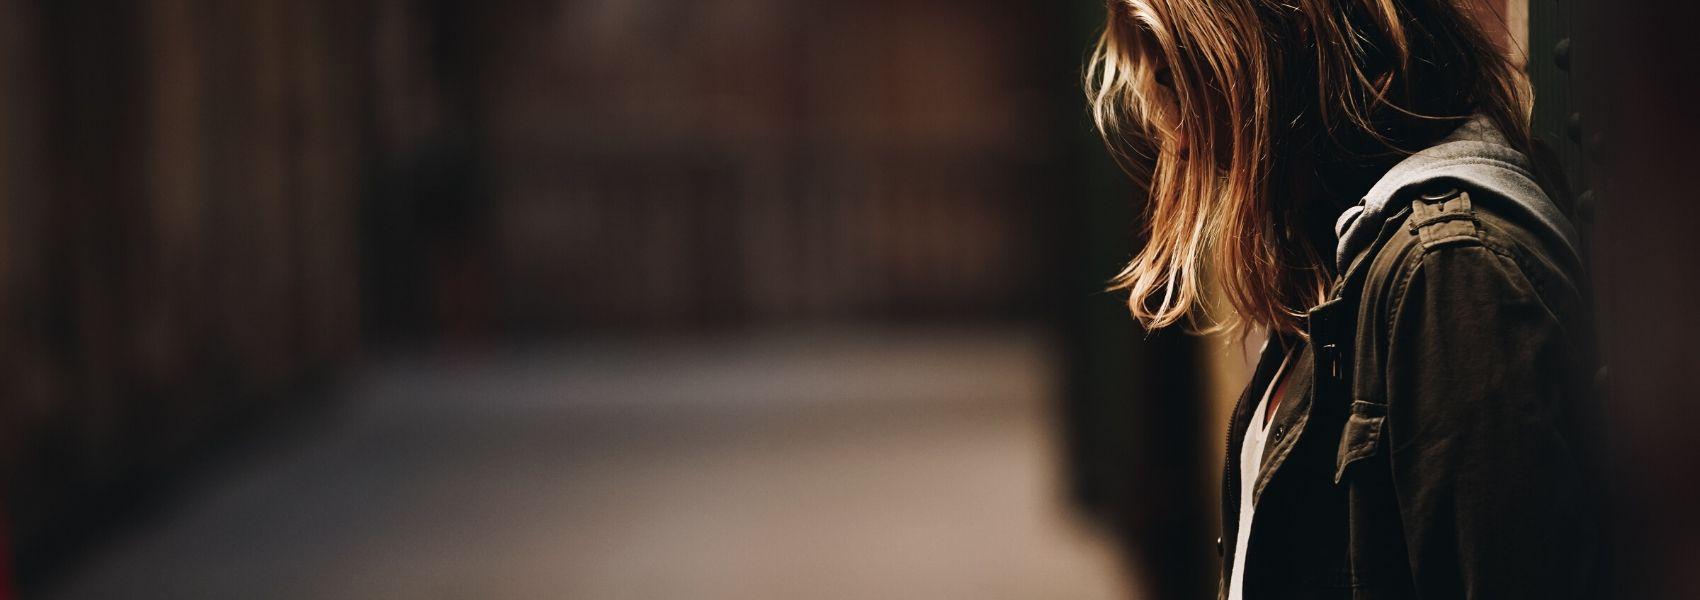 Consultas e tratamentos adiados colocam em risco doentes com esclerodermia